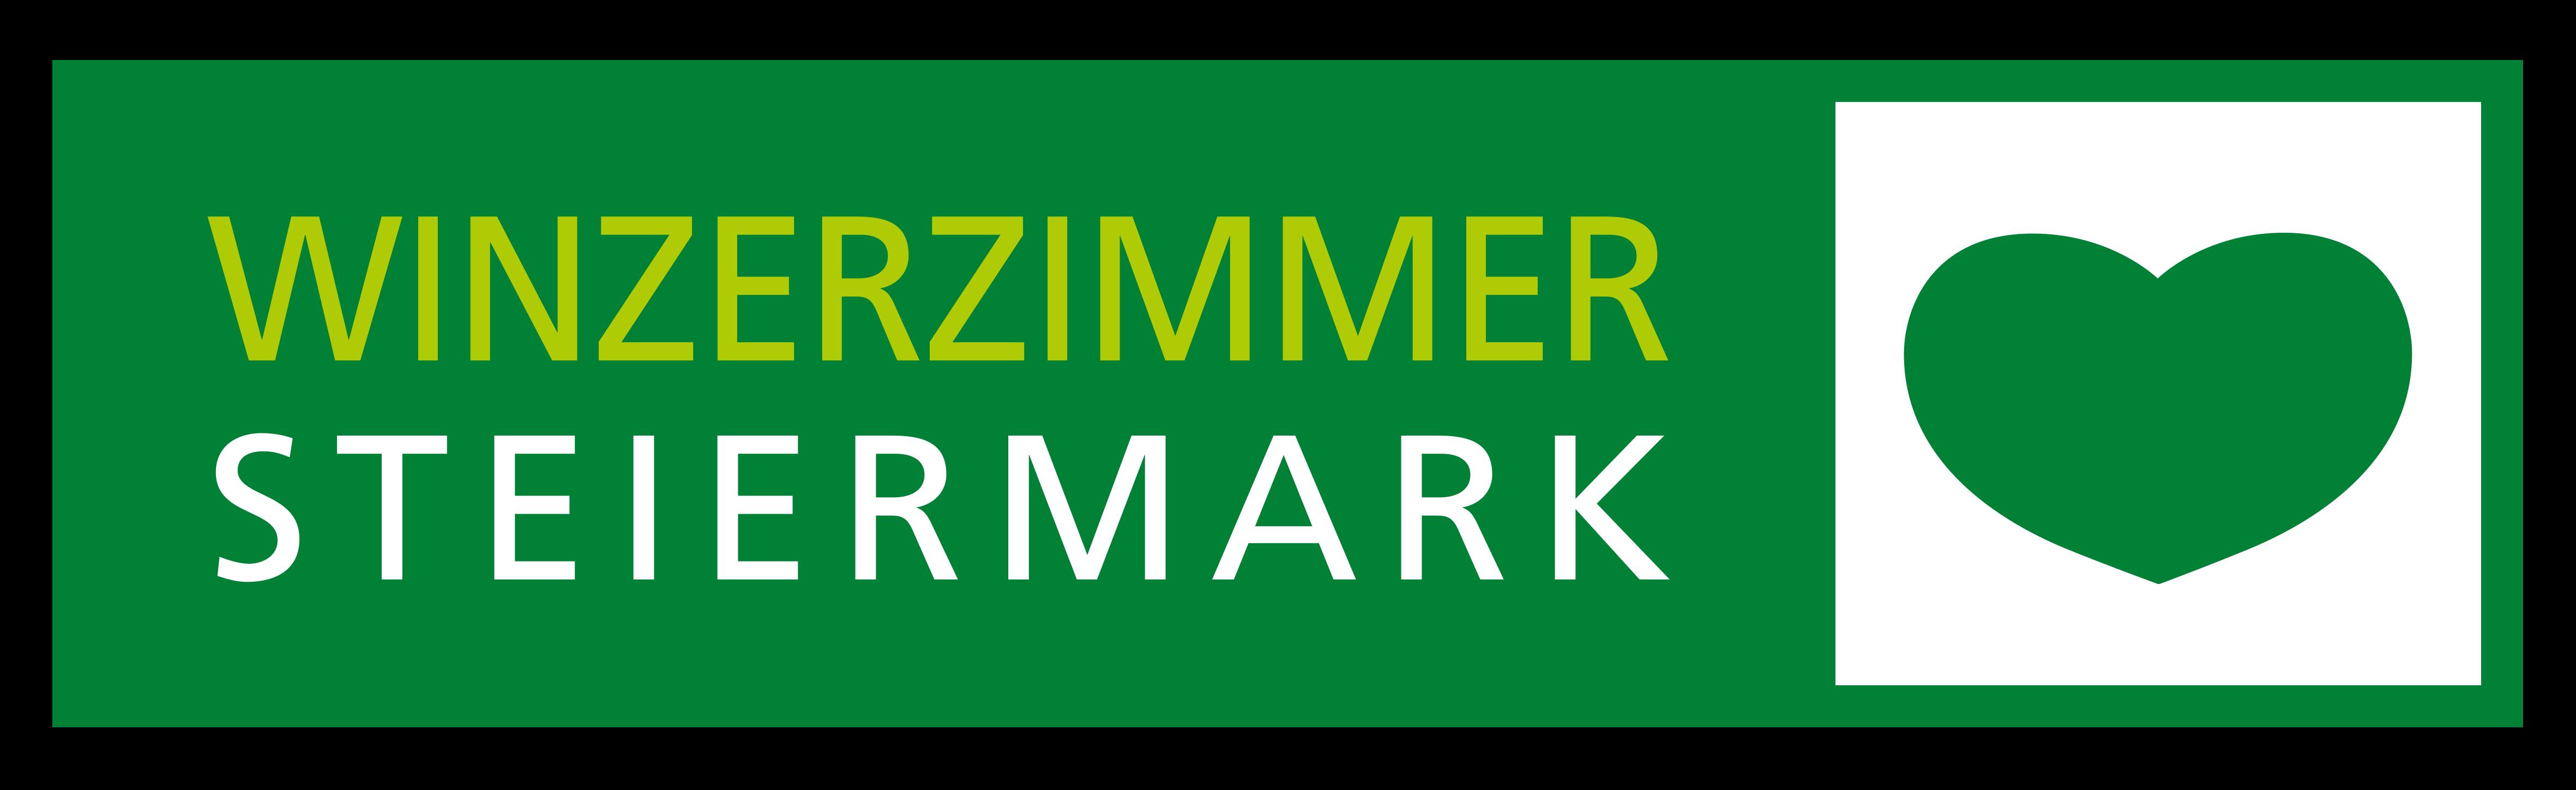 Winzerzimmer Steiermark